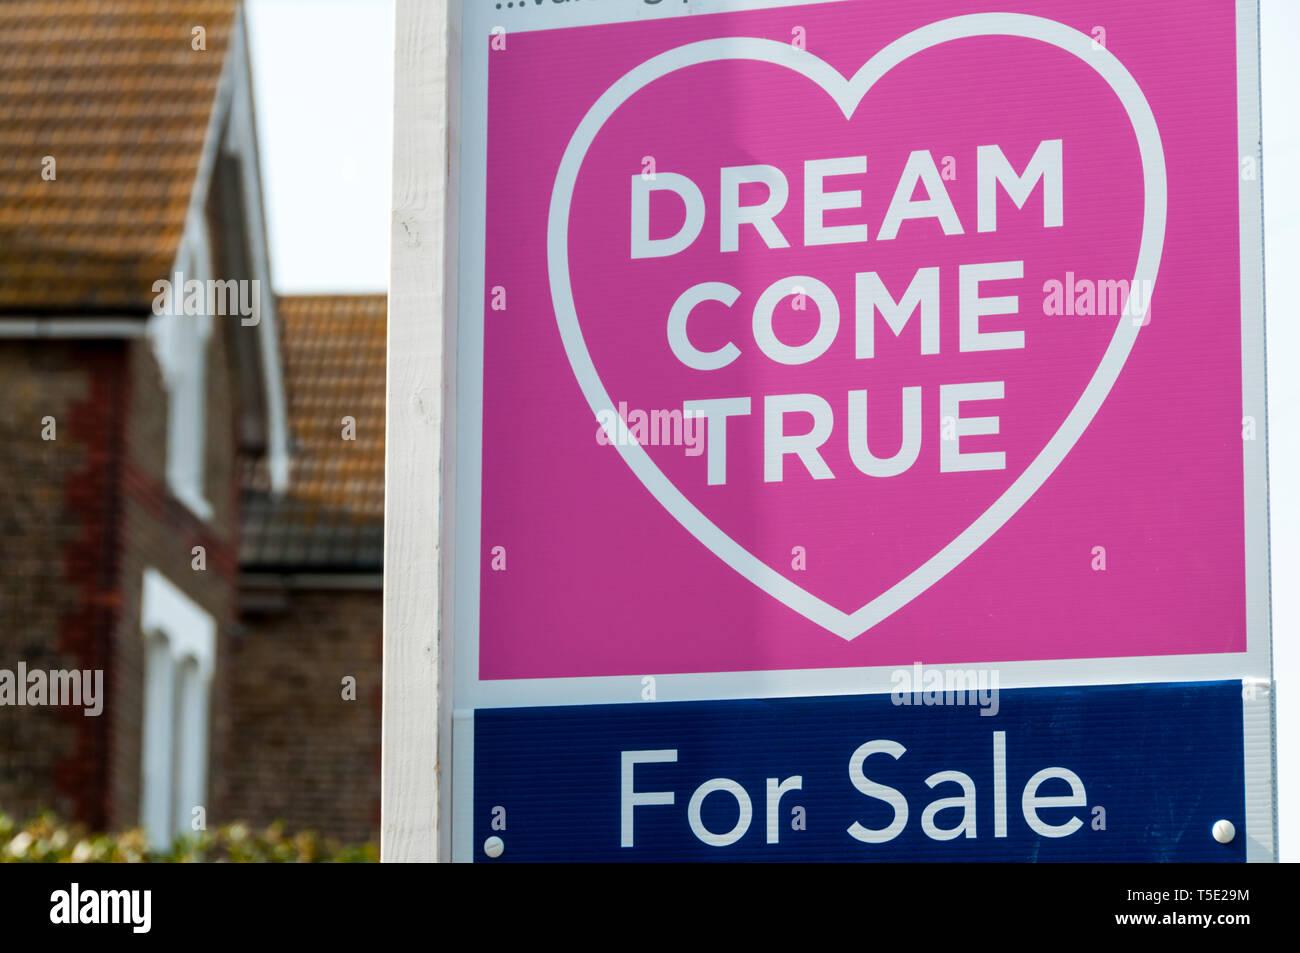 Un agenti immobiliari in vendita segno legge un sogno che si avvera, illustrante home concetto di proprietà. Immagini Stock